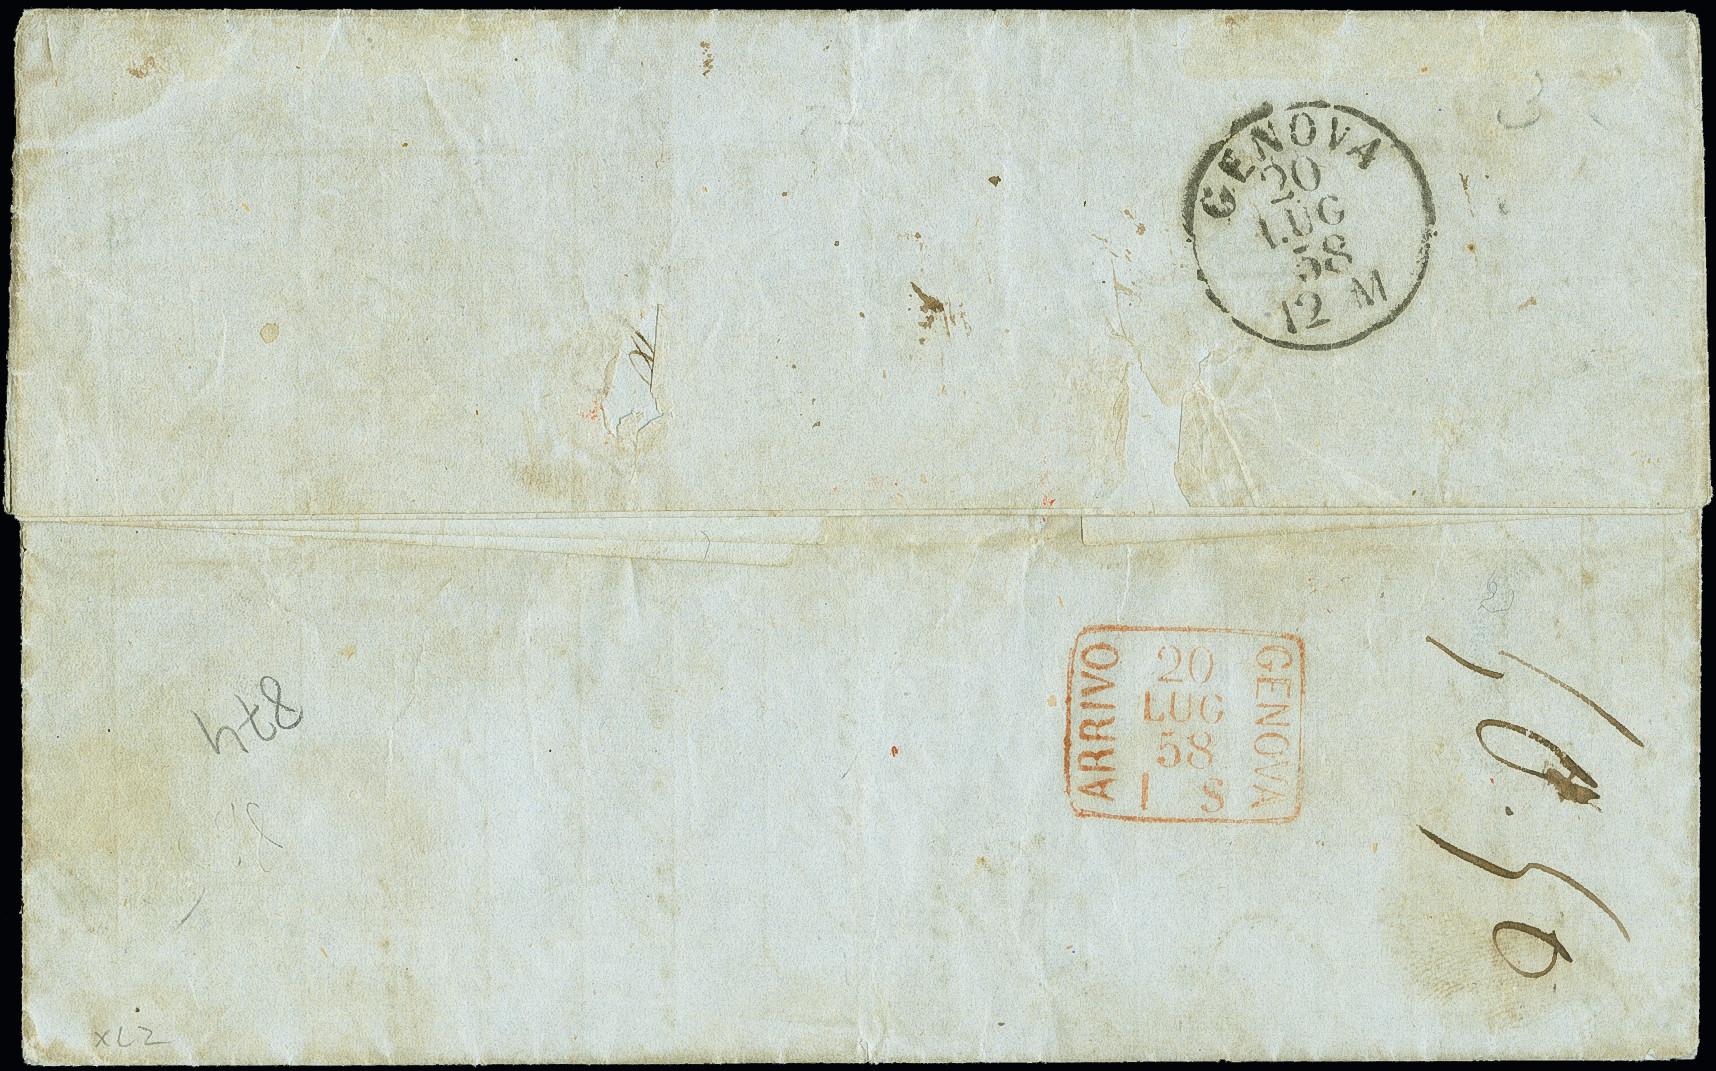 Lot 1593 - übersee Peru -  Heinrich Koehler Auktionen 375rd Heinrich Köhler auction - Day 1